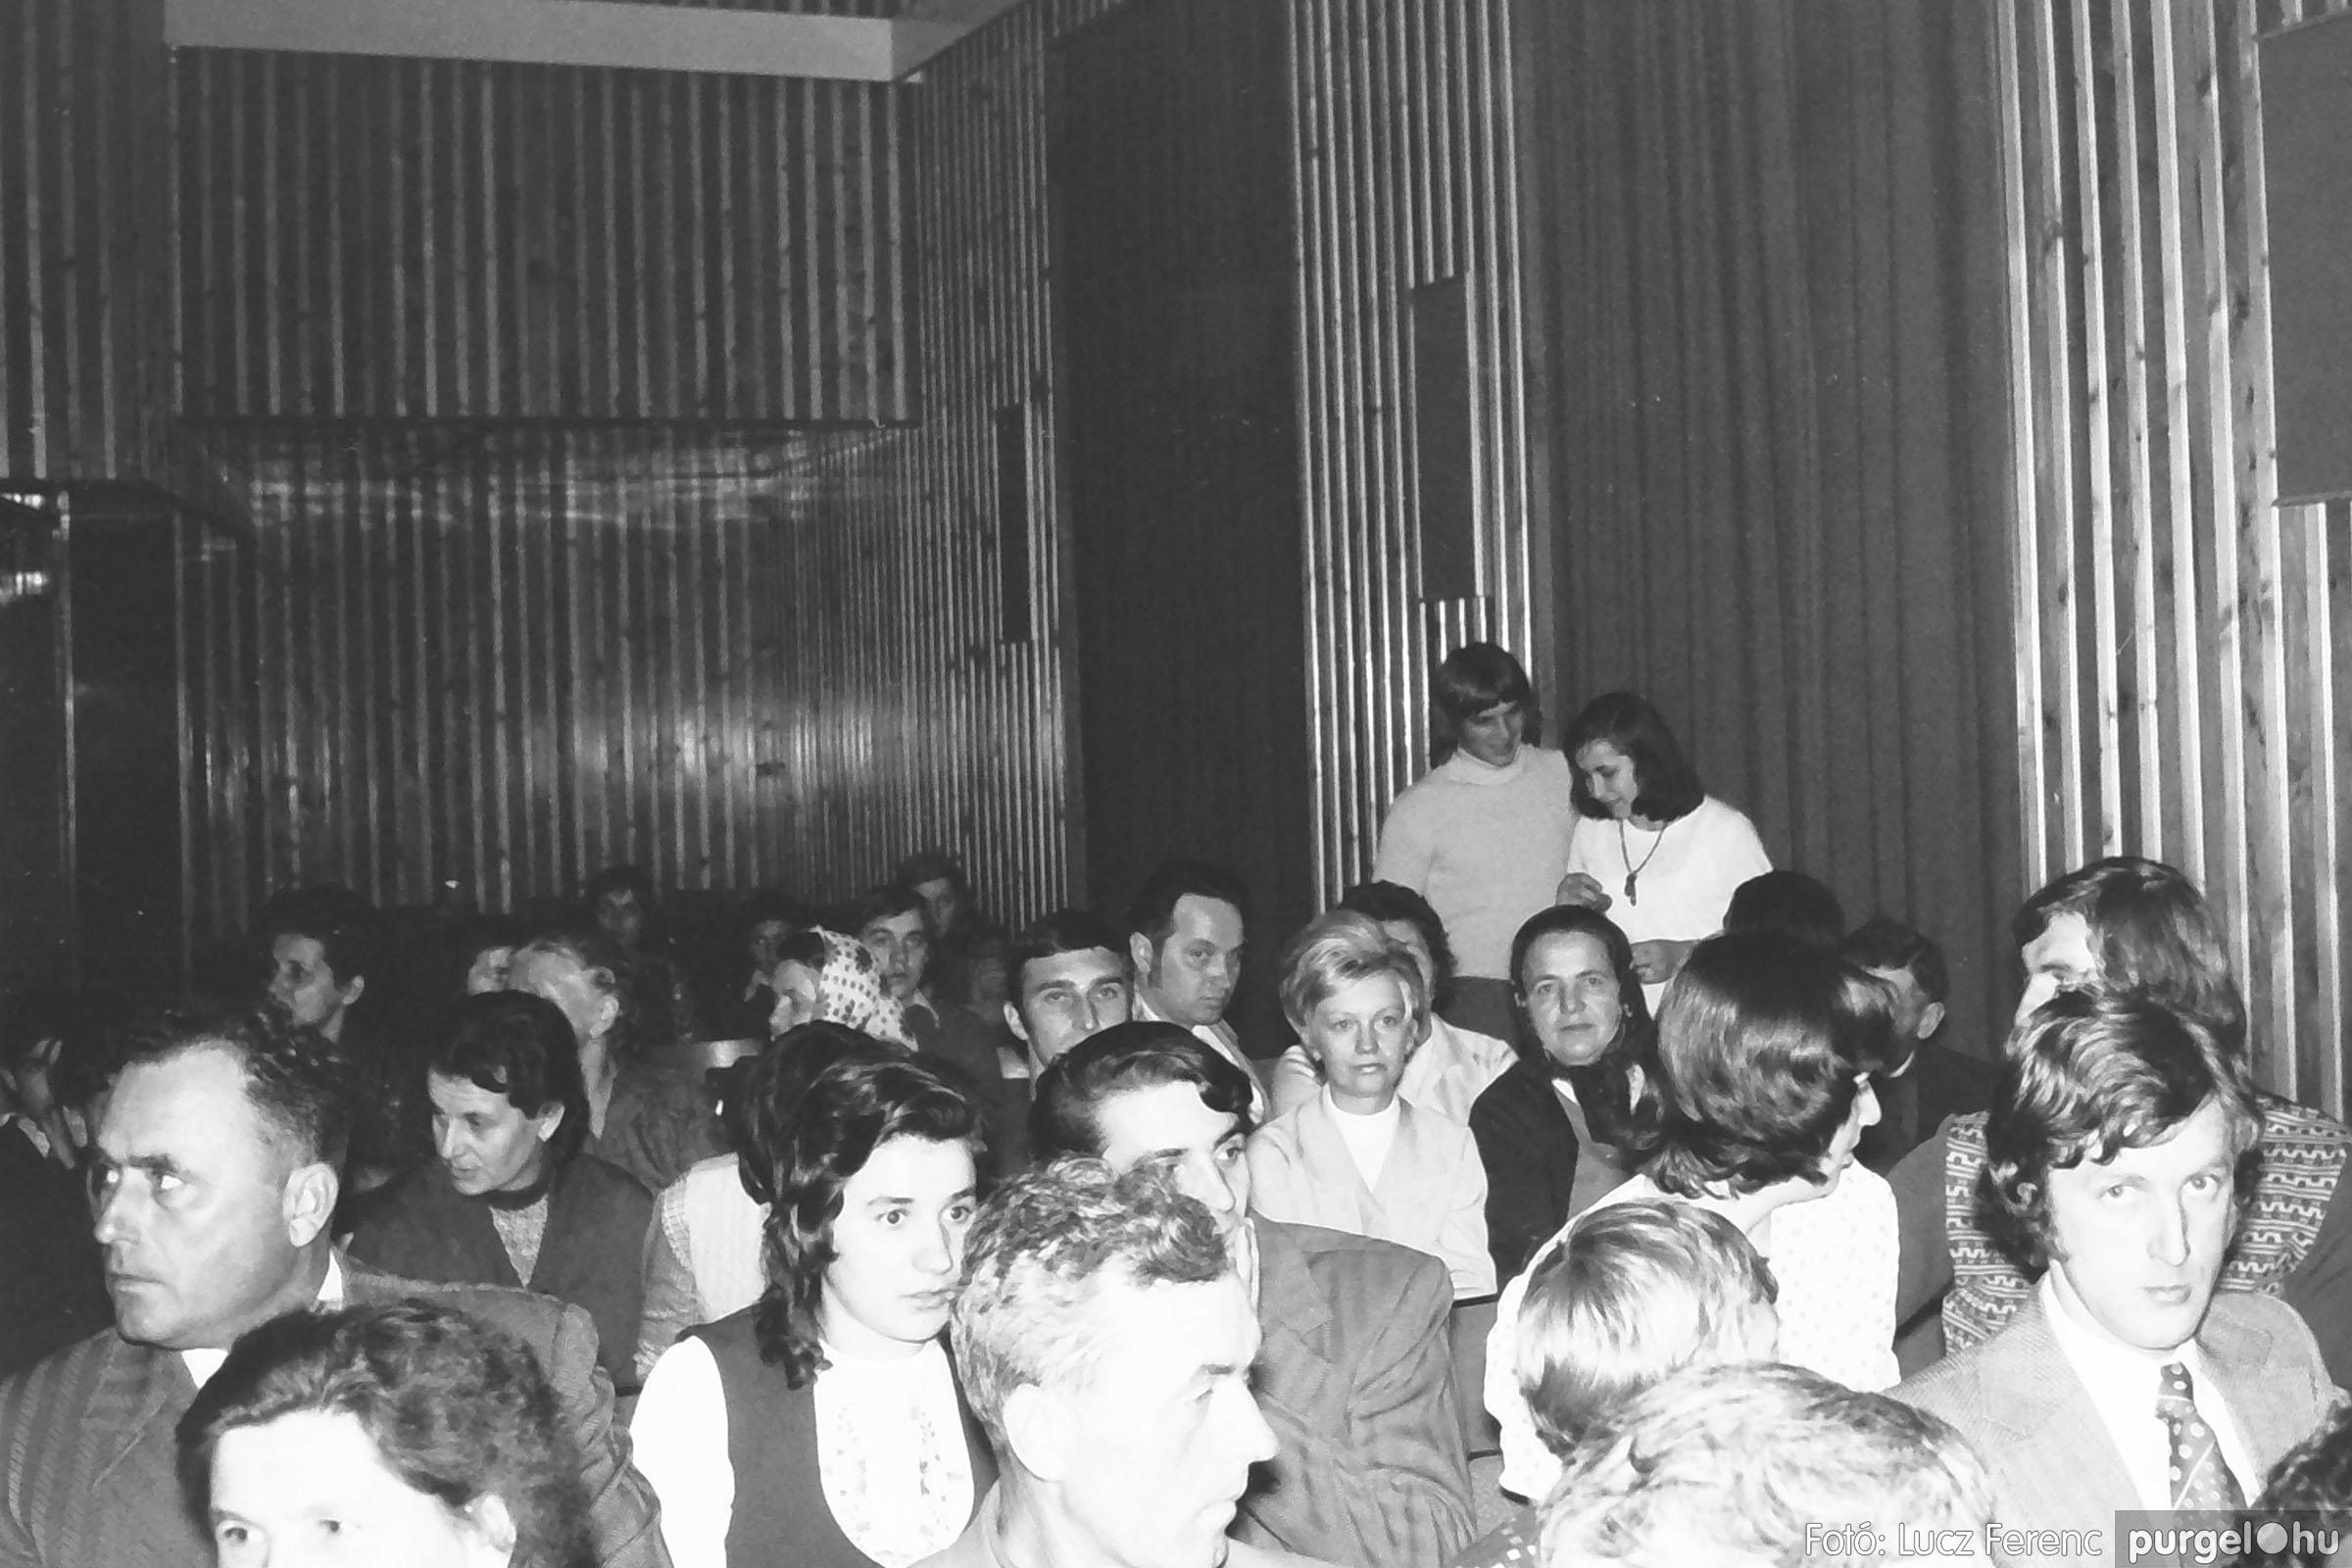 028 1975. Rendezvény a kultúrházban 005 - Fotó: Lucz Ferenc IMG00071q.jpg